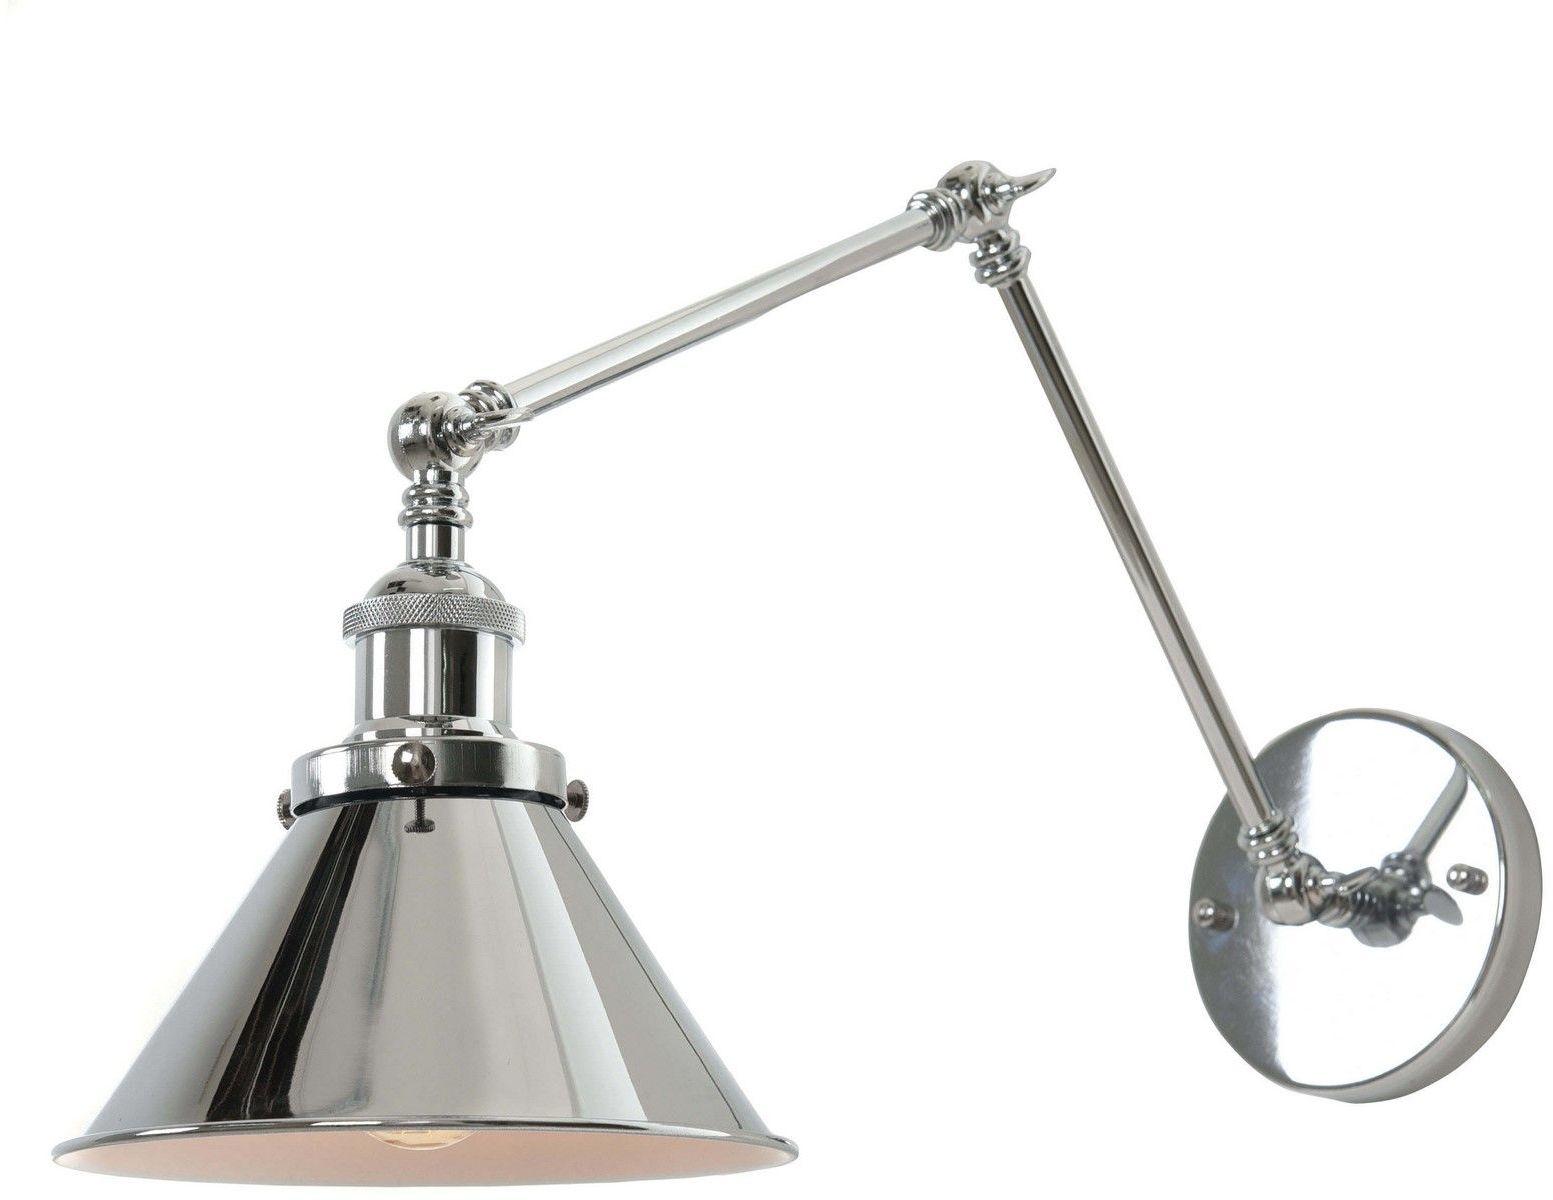 LAMPA ŚCIENNA KINKIET LOFTOWY CHROMOWANY GUBI W2